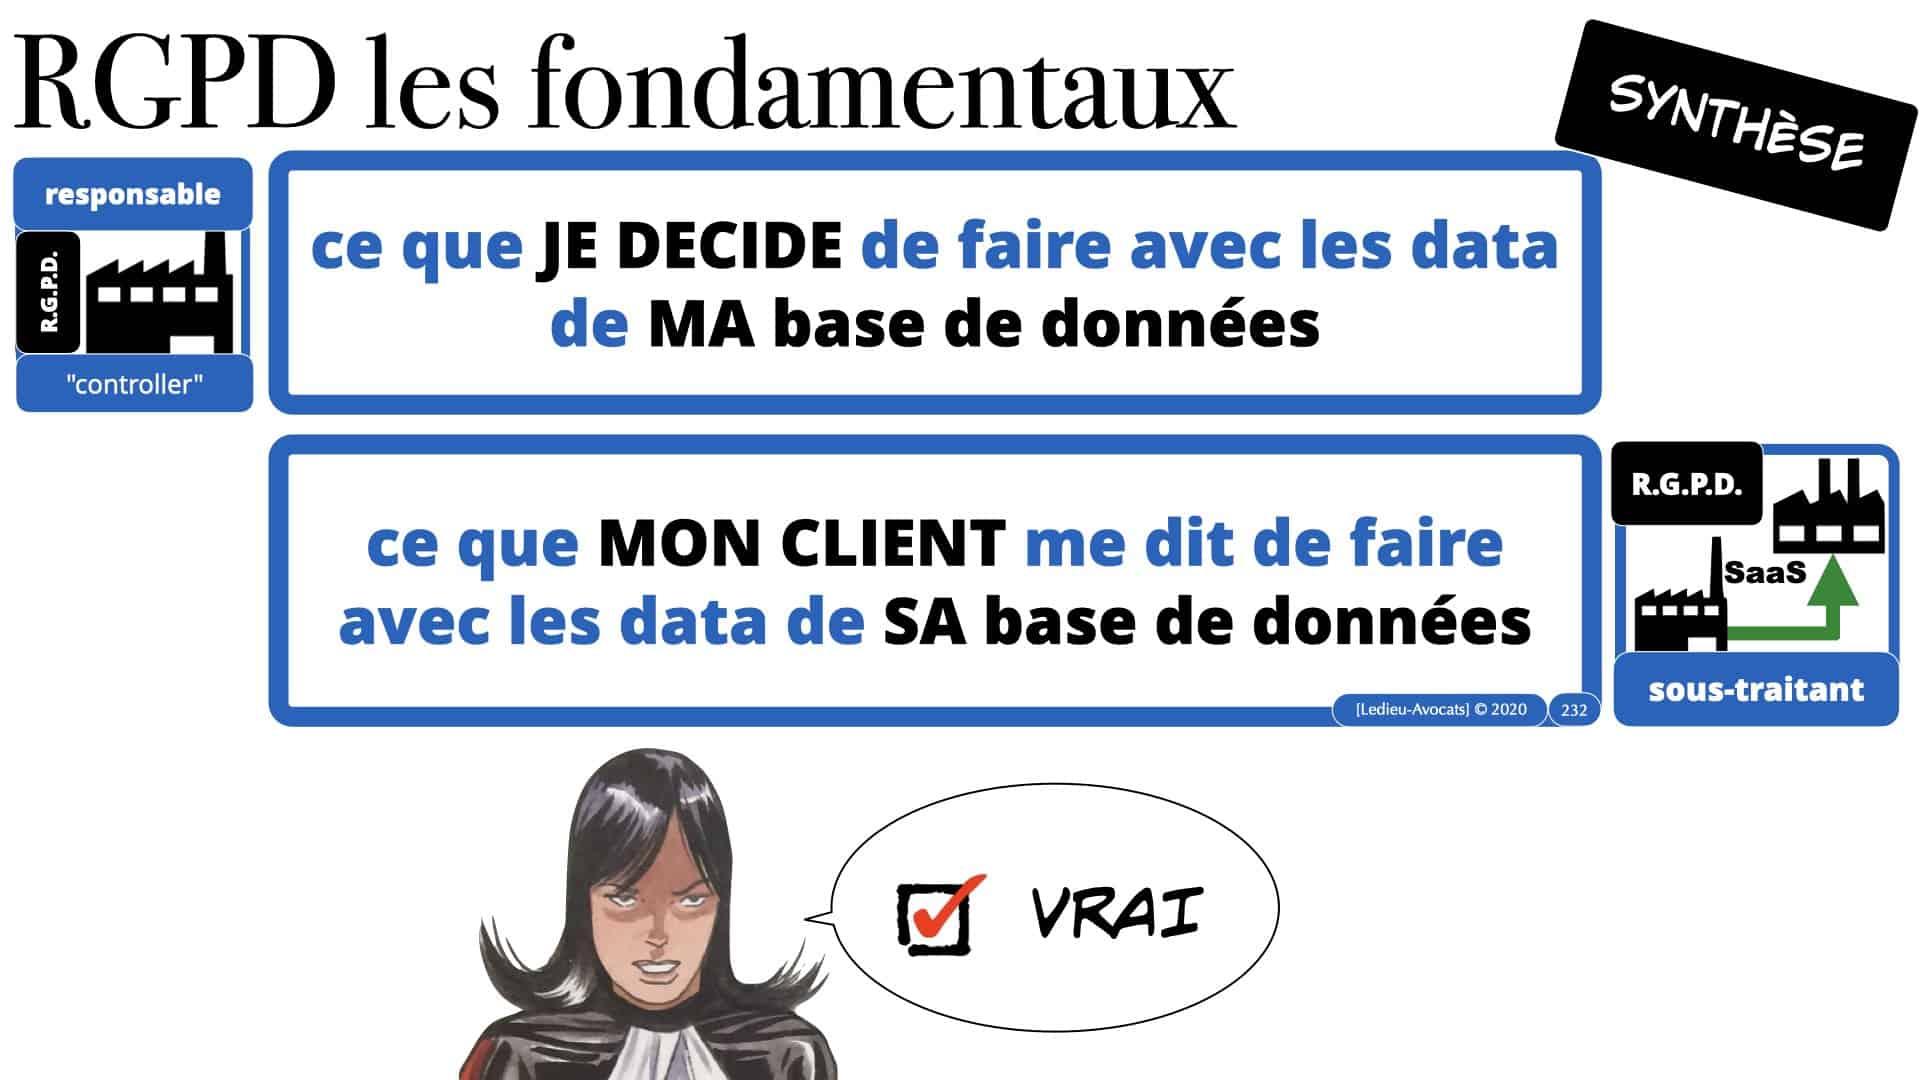 RGPD e-Privacy données personnelles jurisprudence formation Lamy Les Echos 10-02-2021 ©Ledieu-Avocats.232